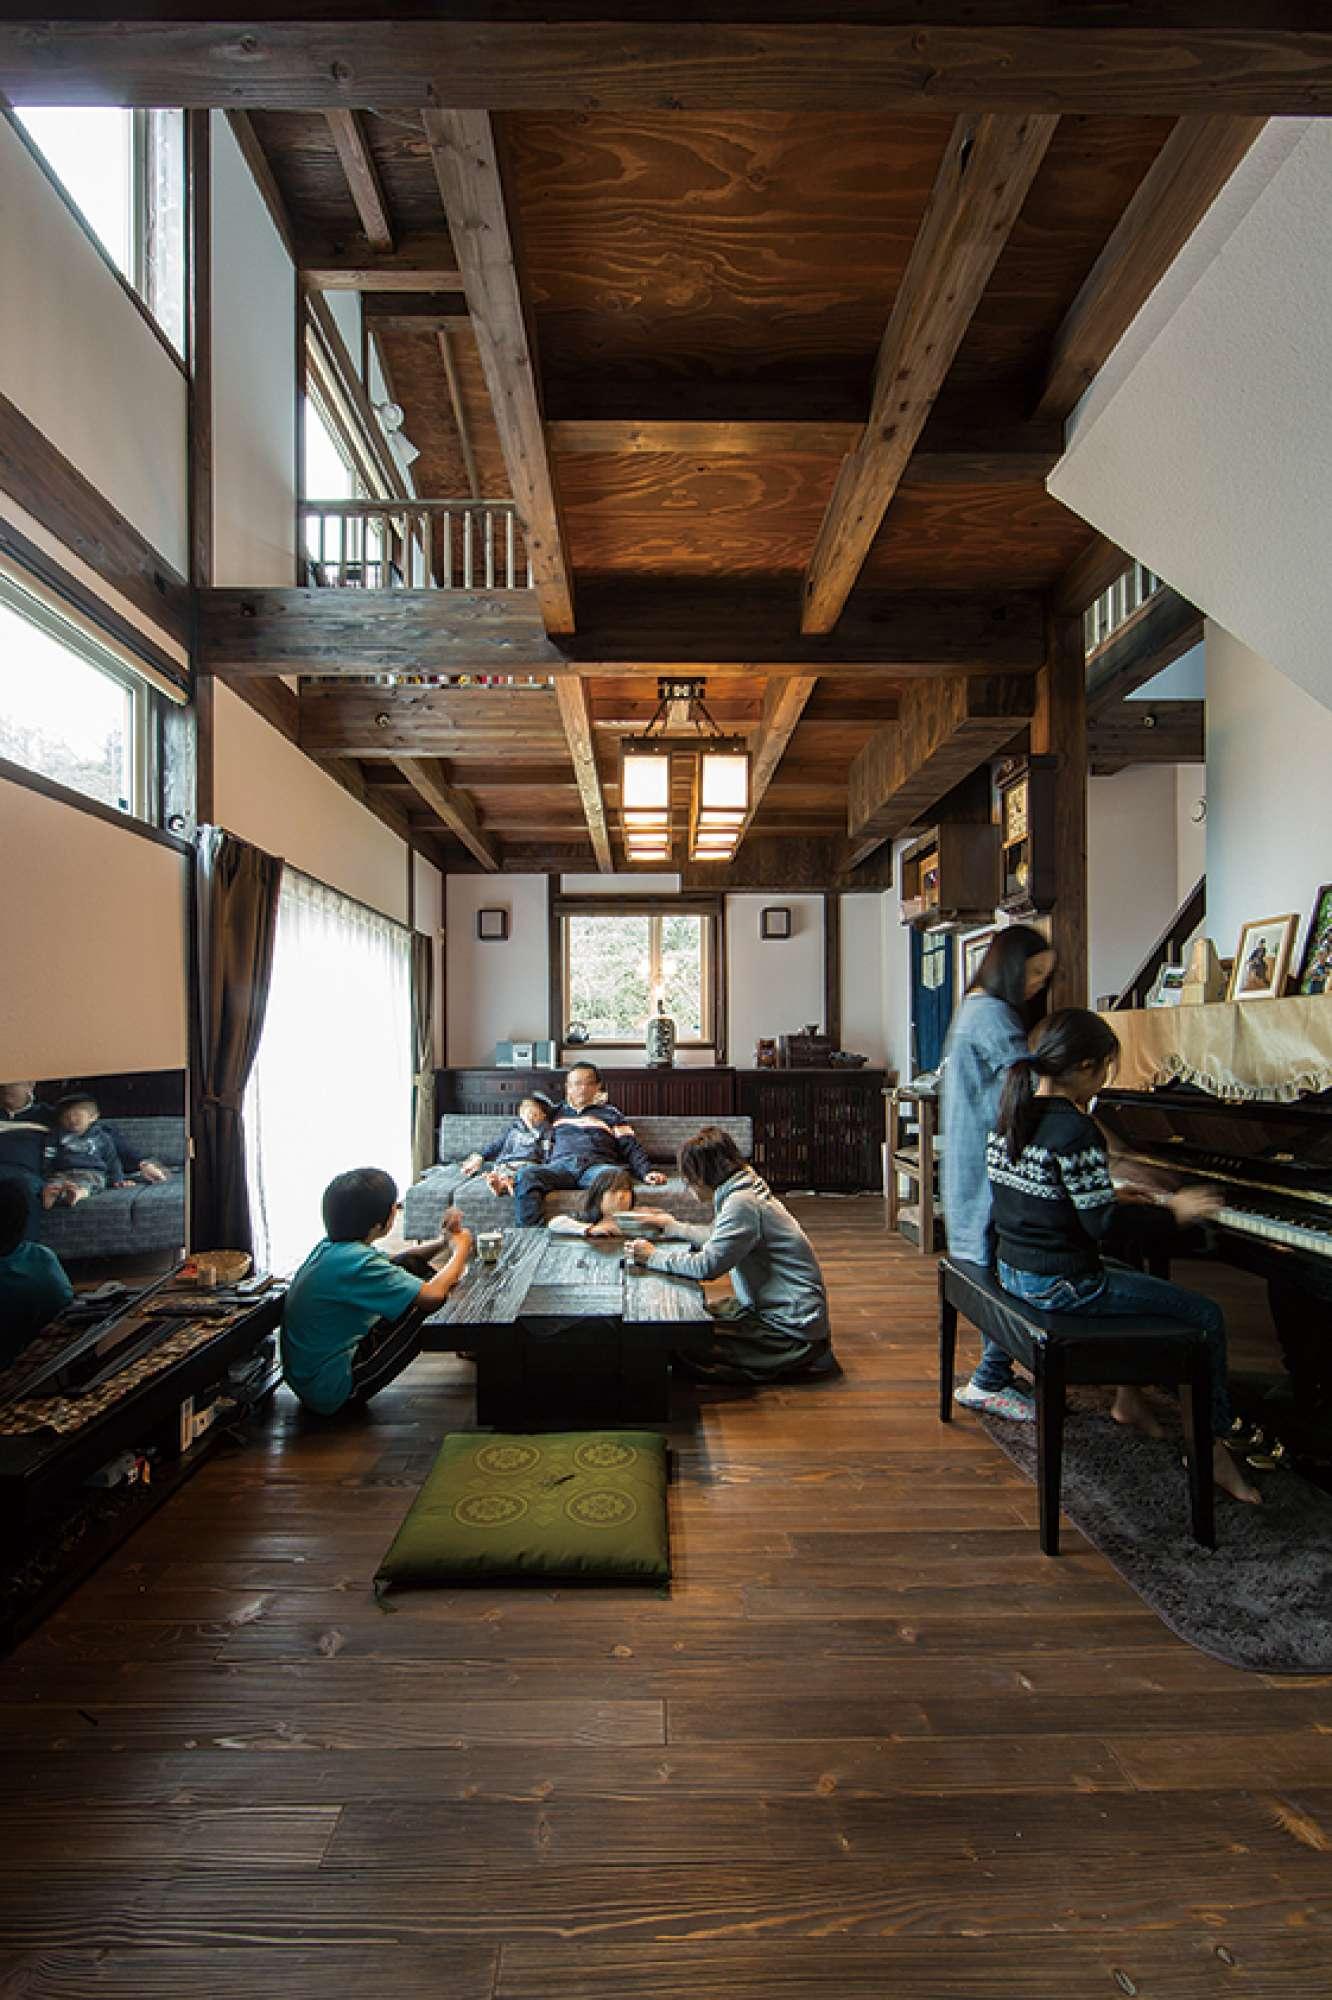 木目がくっきり、古民家の趣が漂うゆとりの空間で家族が憩う -  -  -